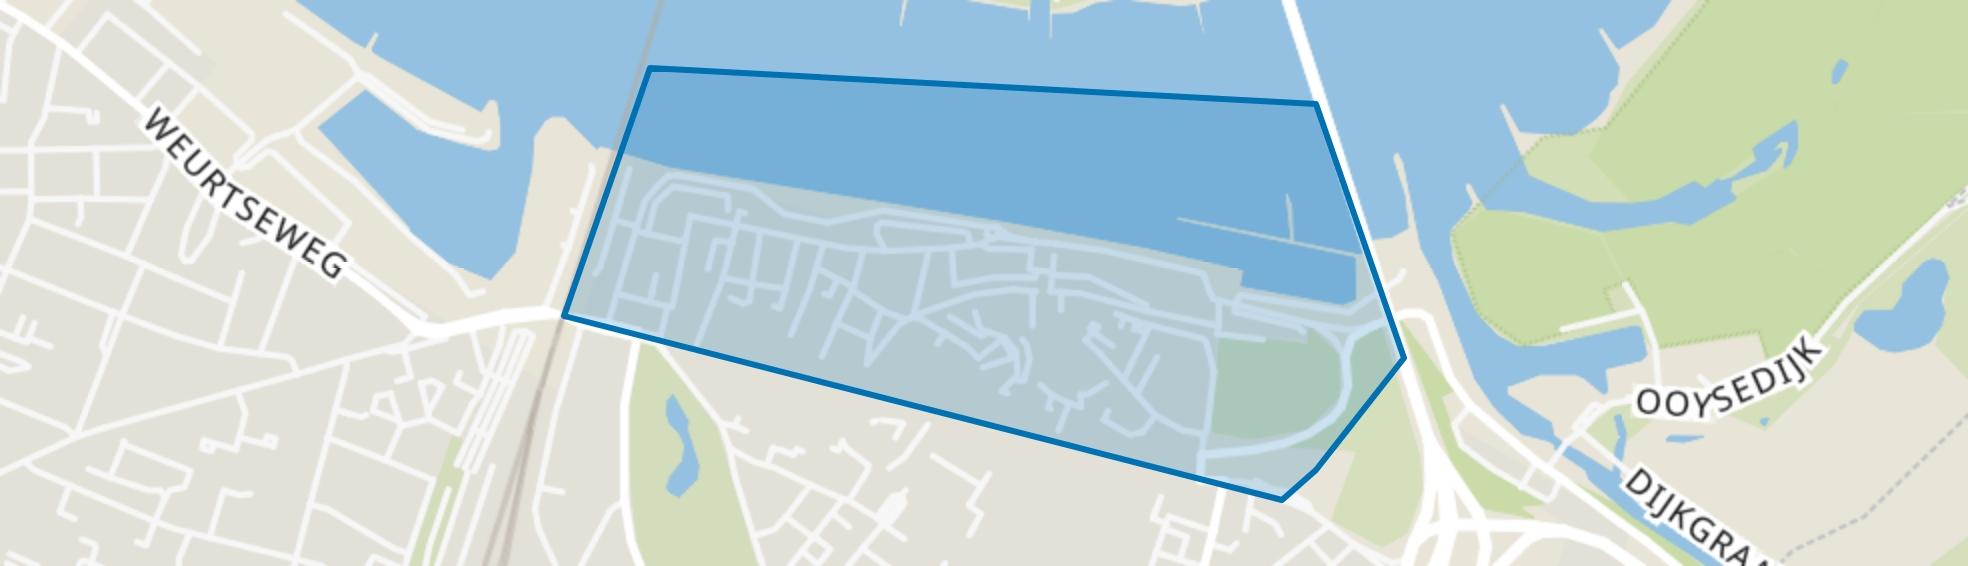 Benedenstad, Nijmegen map